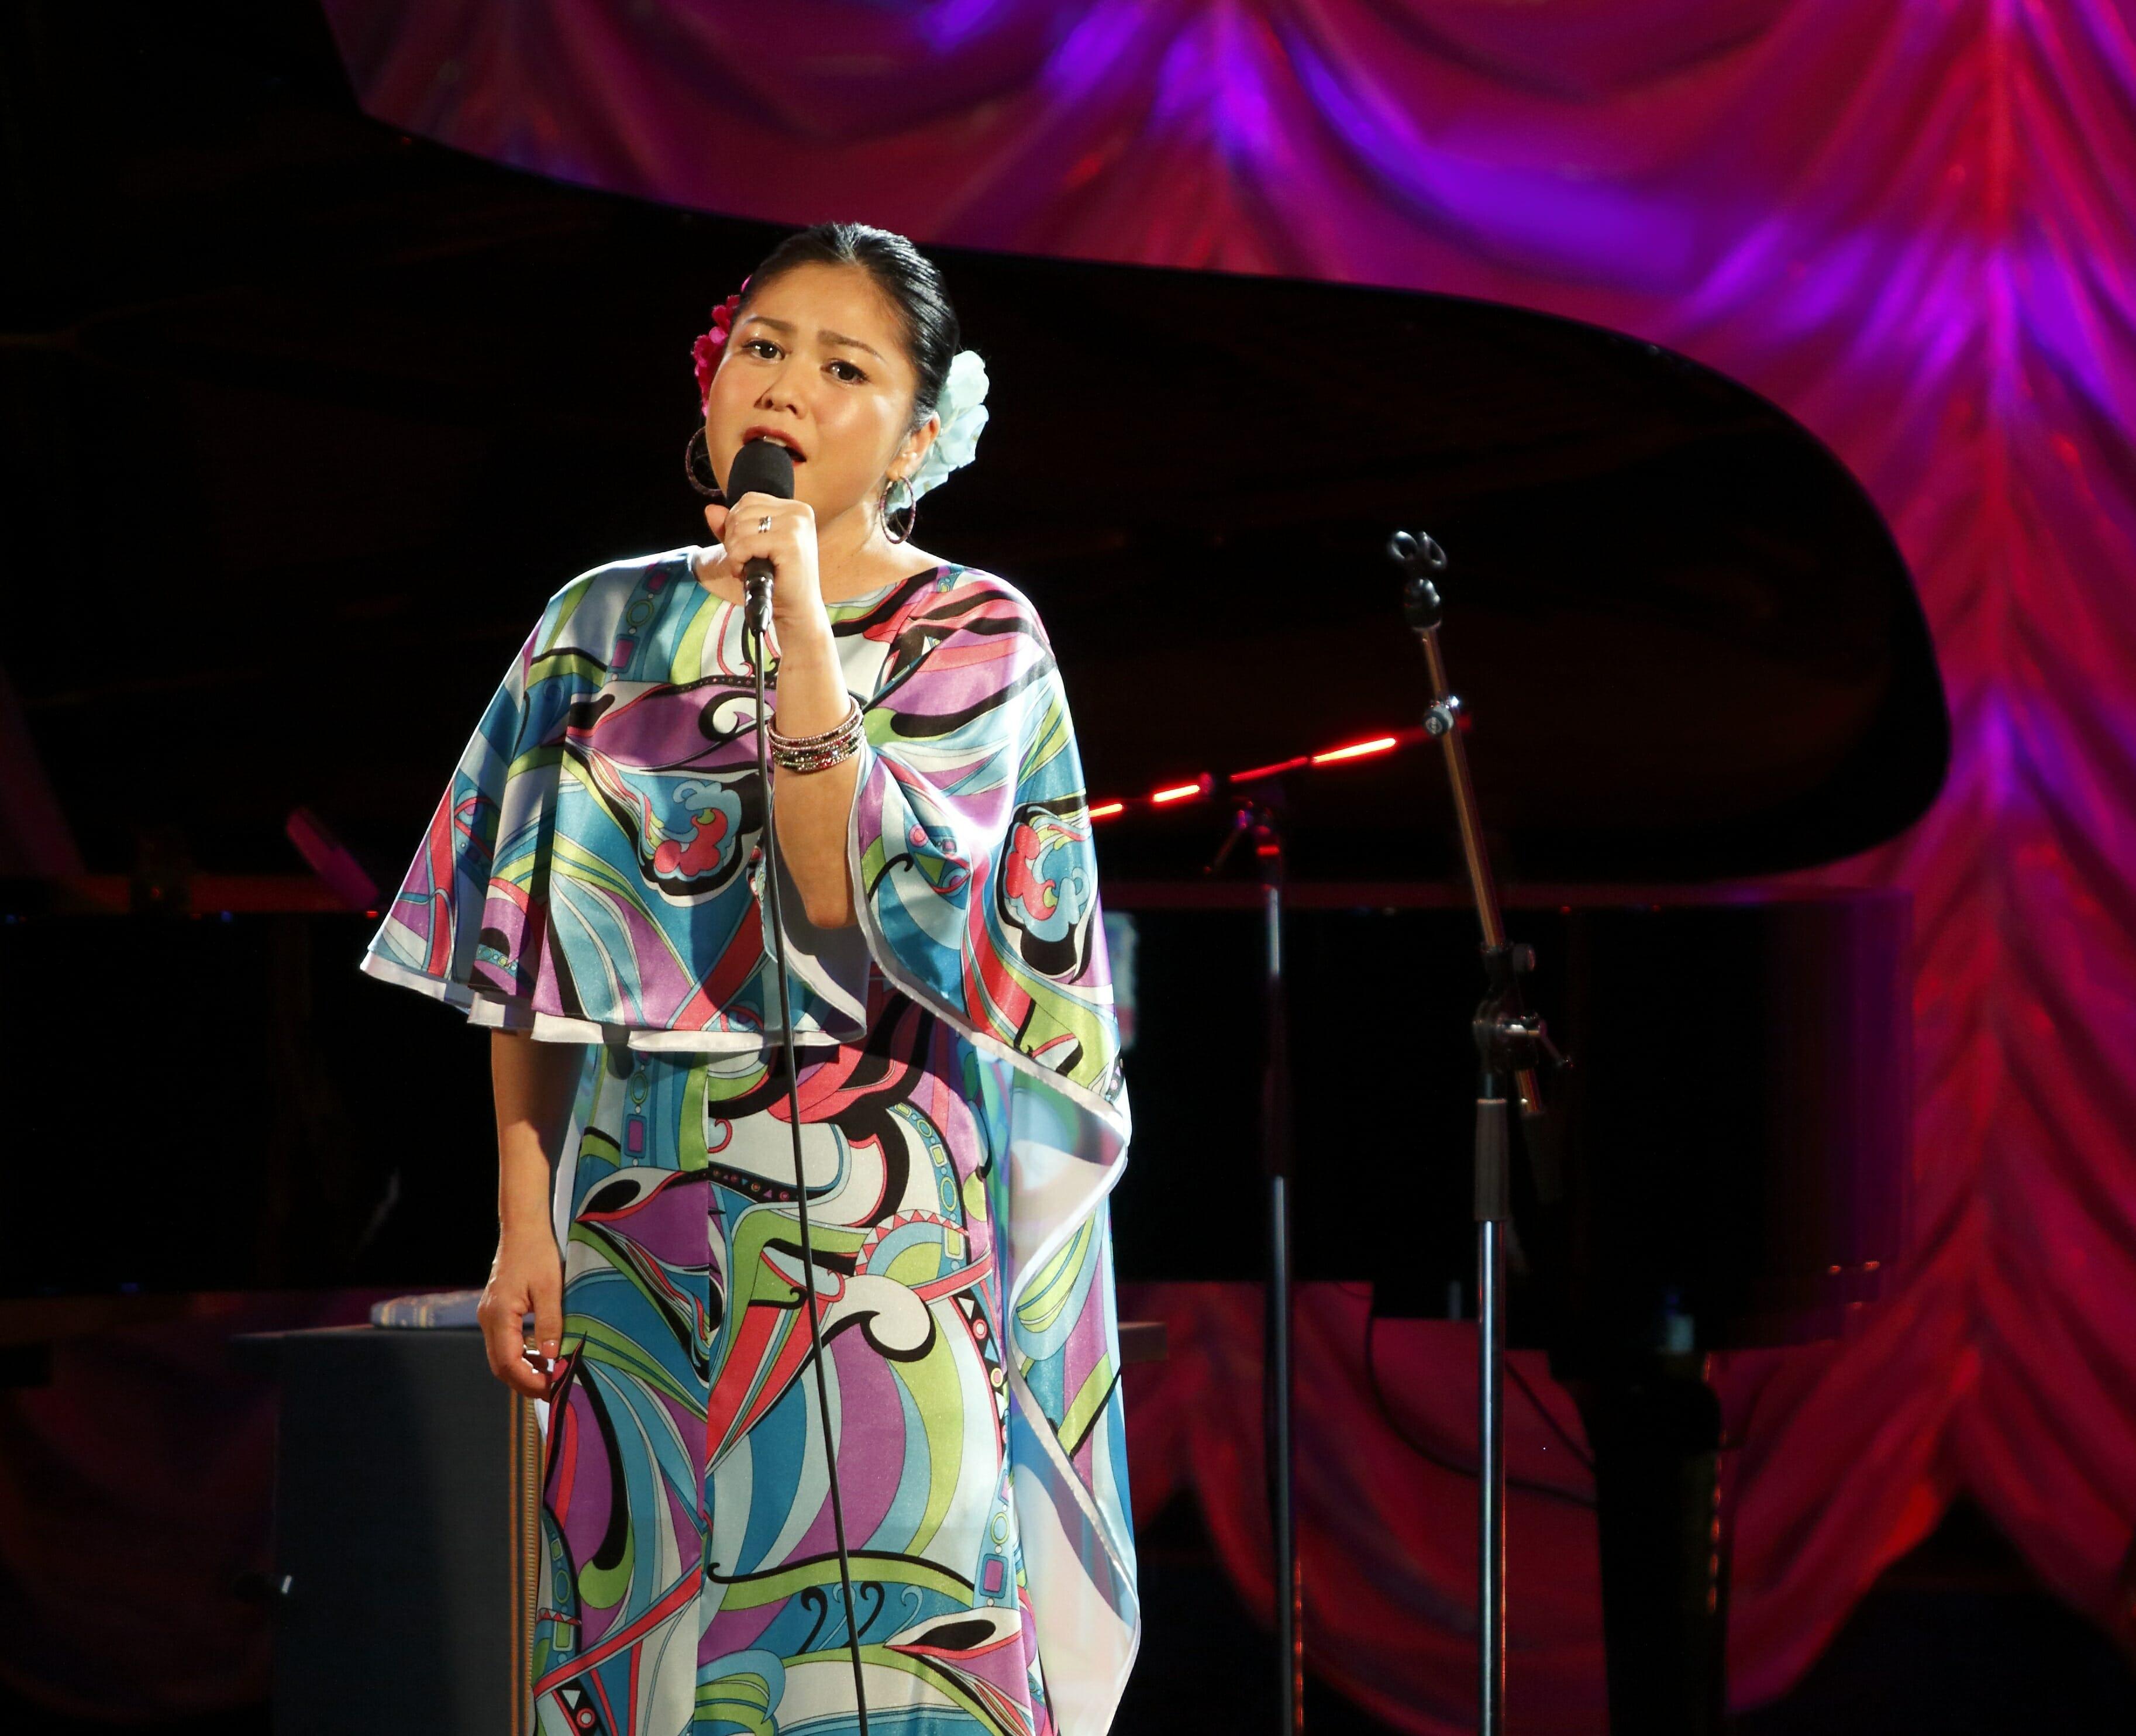 9/13 心に染み入る凛とした歌声 夏川りみスペシャルステージ